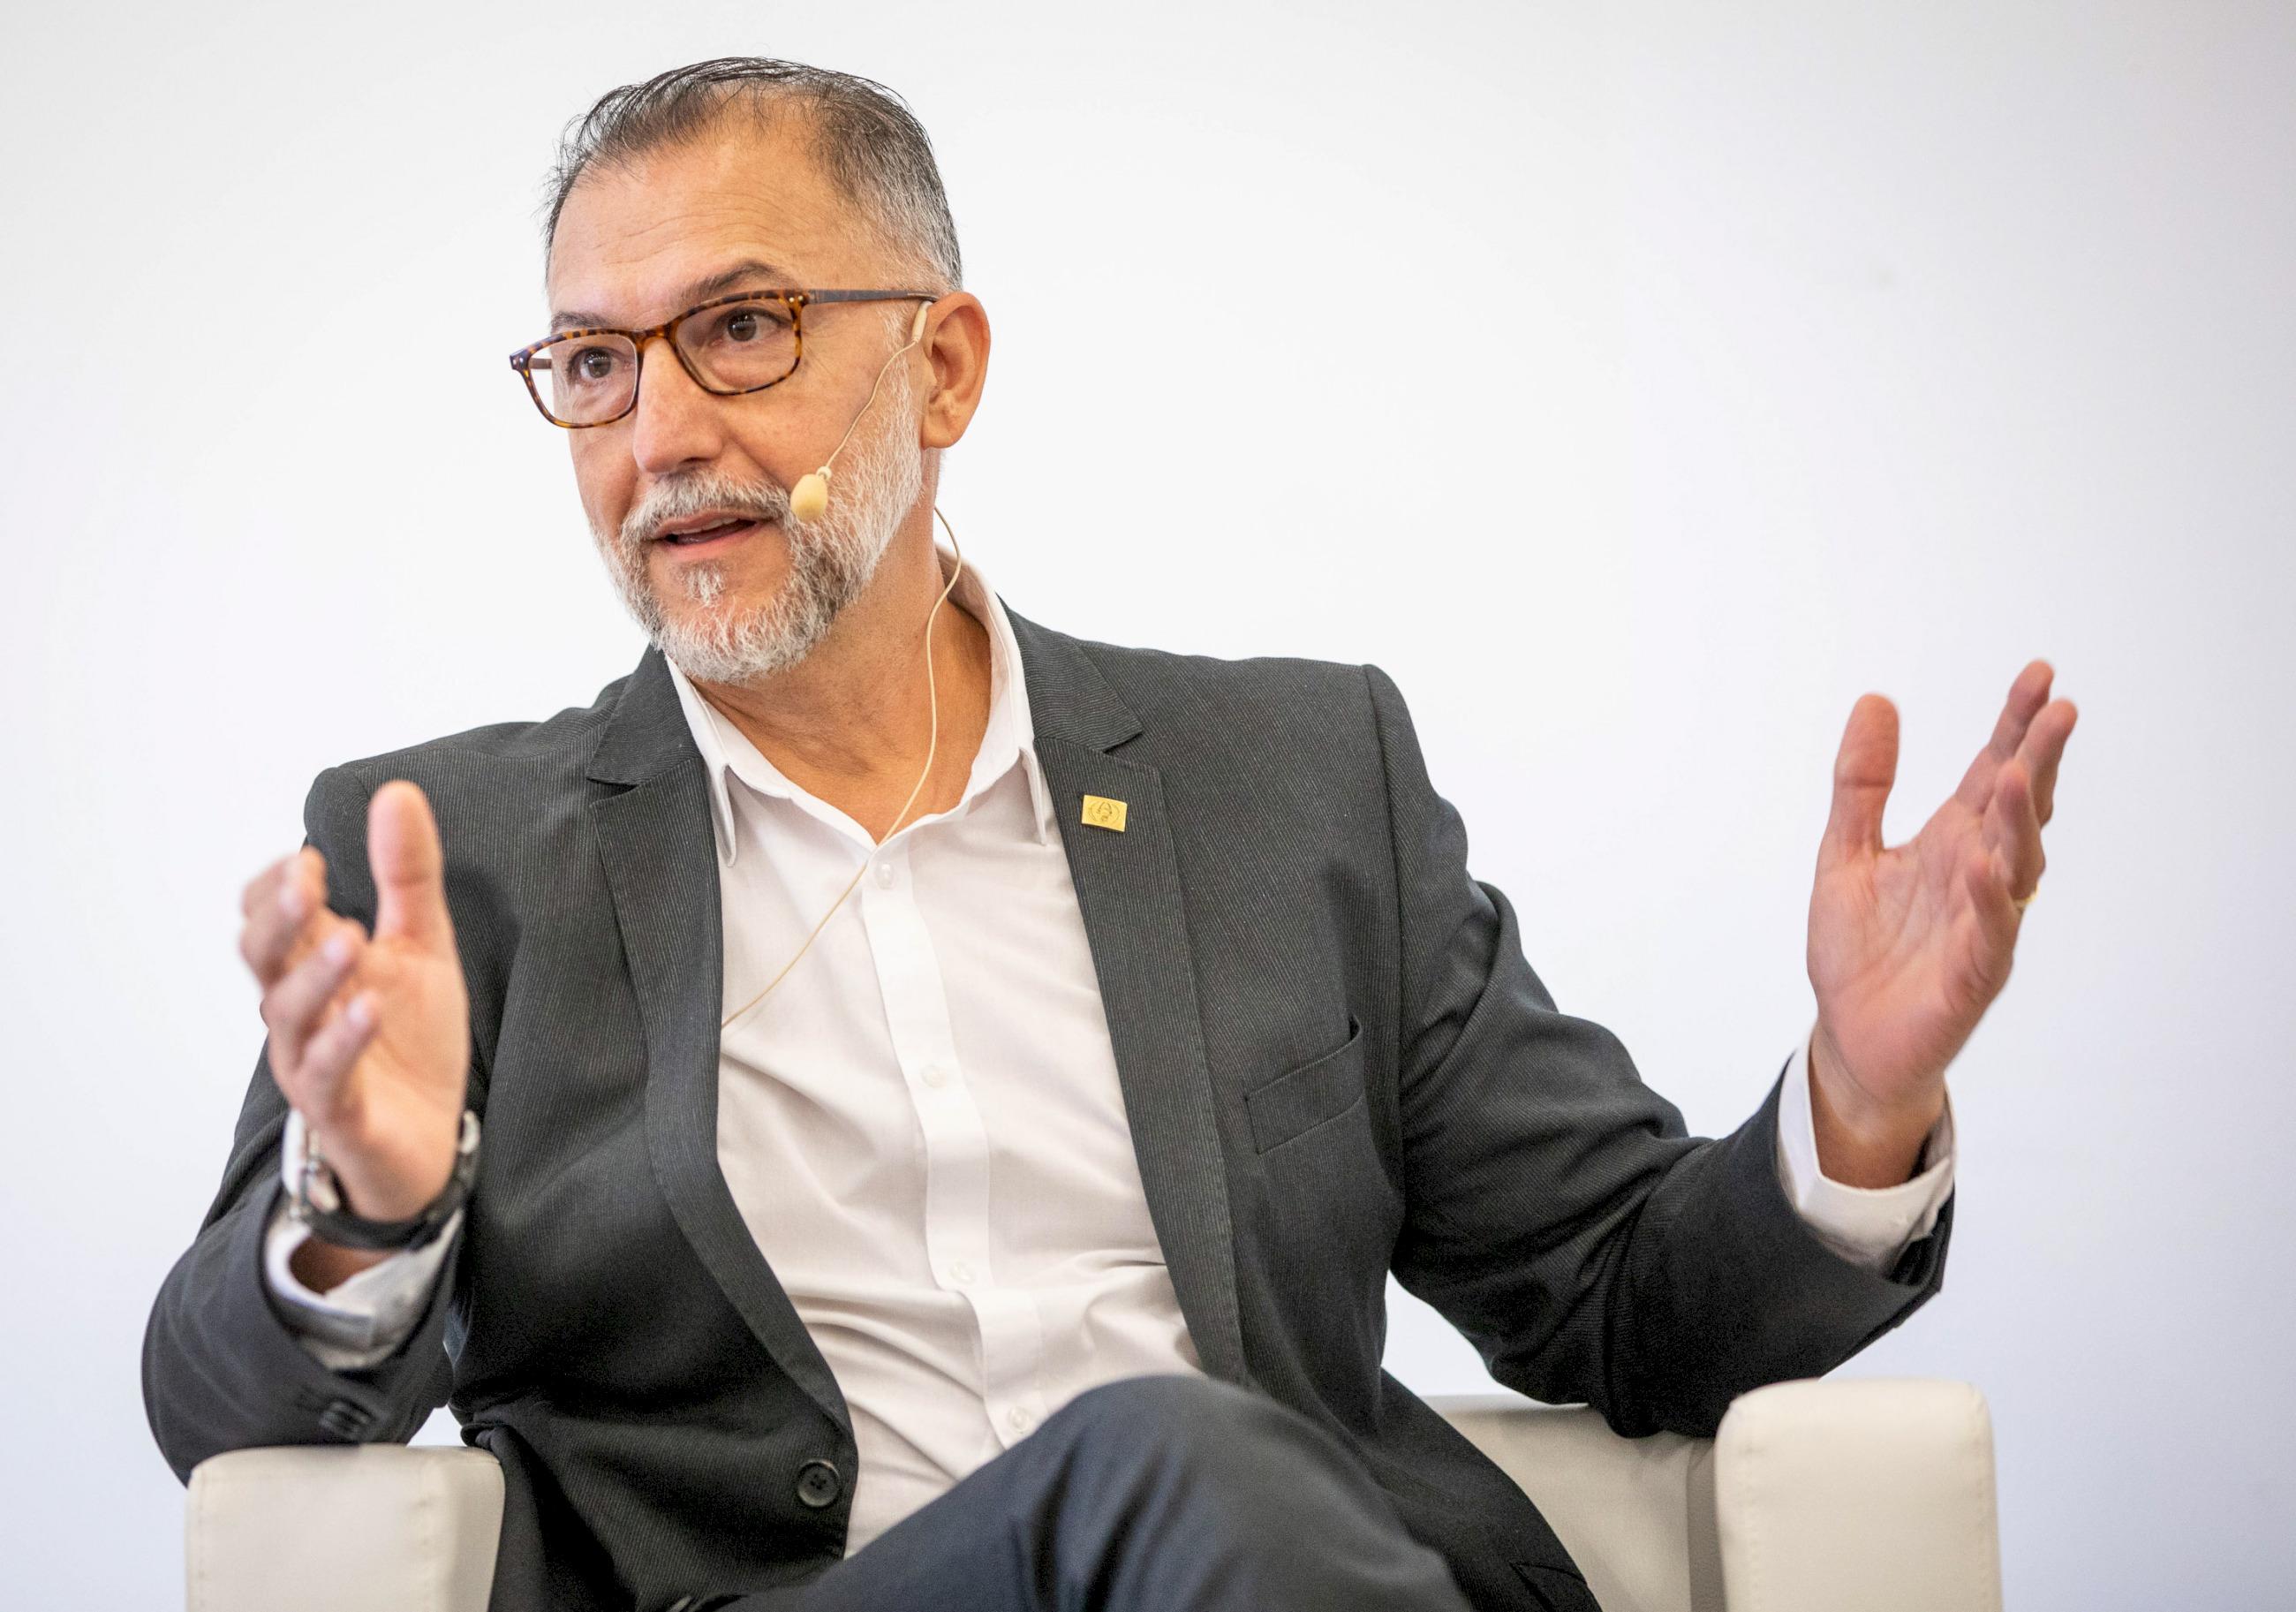 JOSEP MANUEL IBORRA